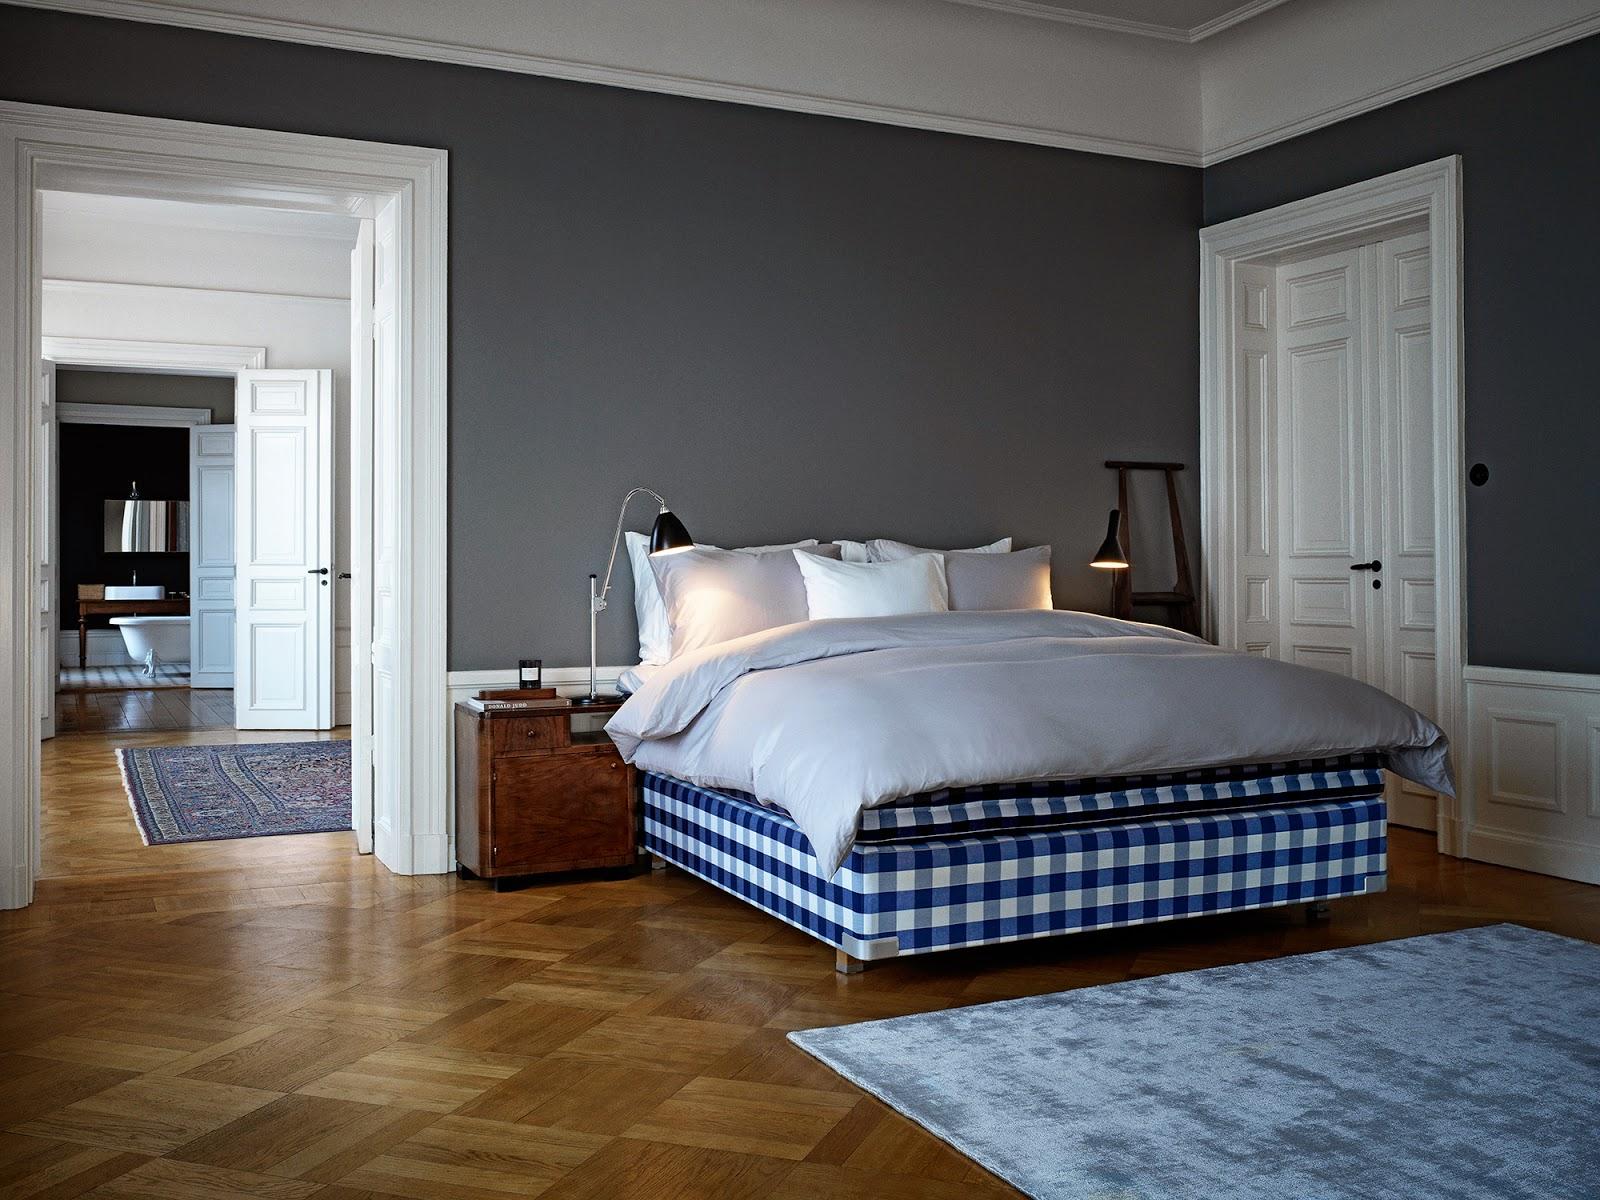 inform interiors h stens showroom sale. Black Bedroom Furniture Sets. Home Design Ideas